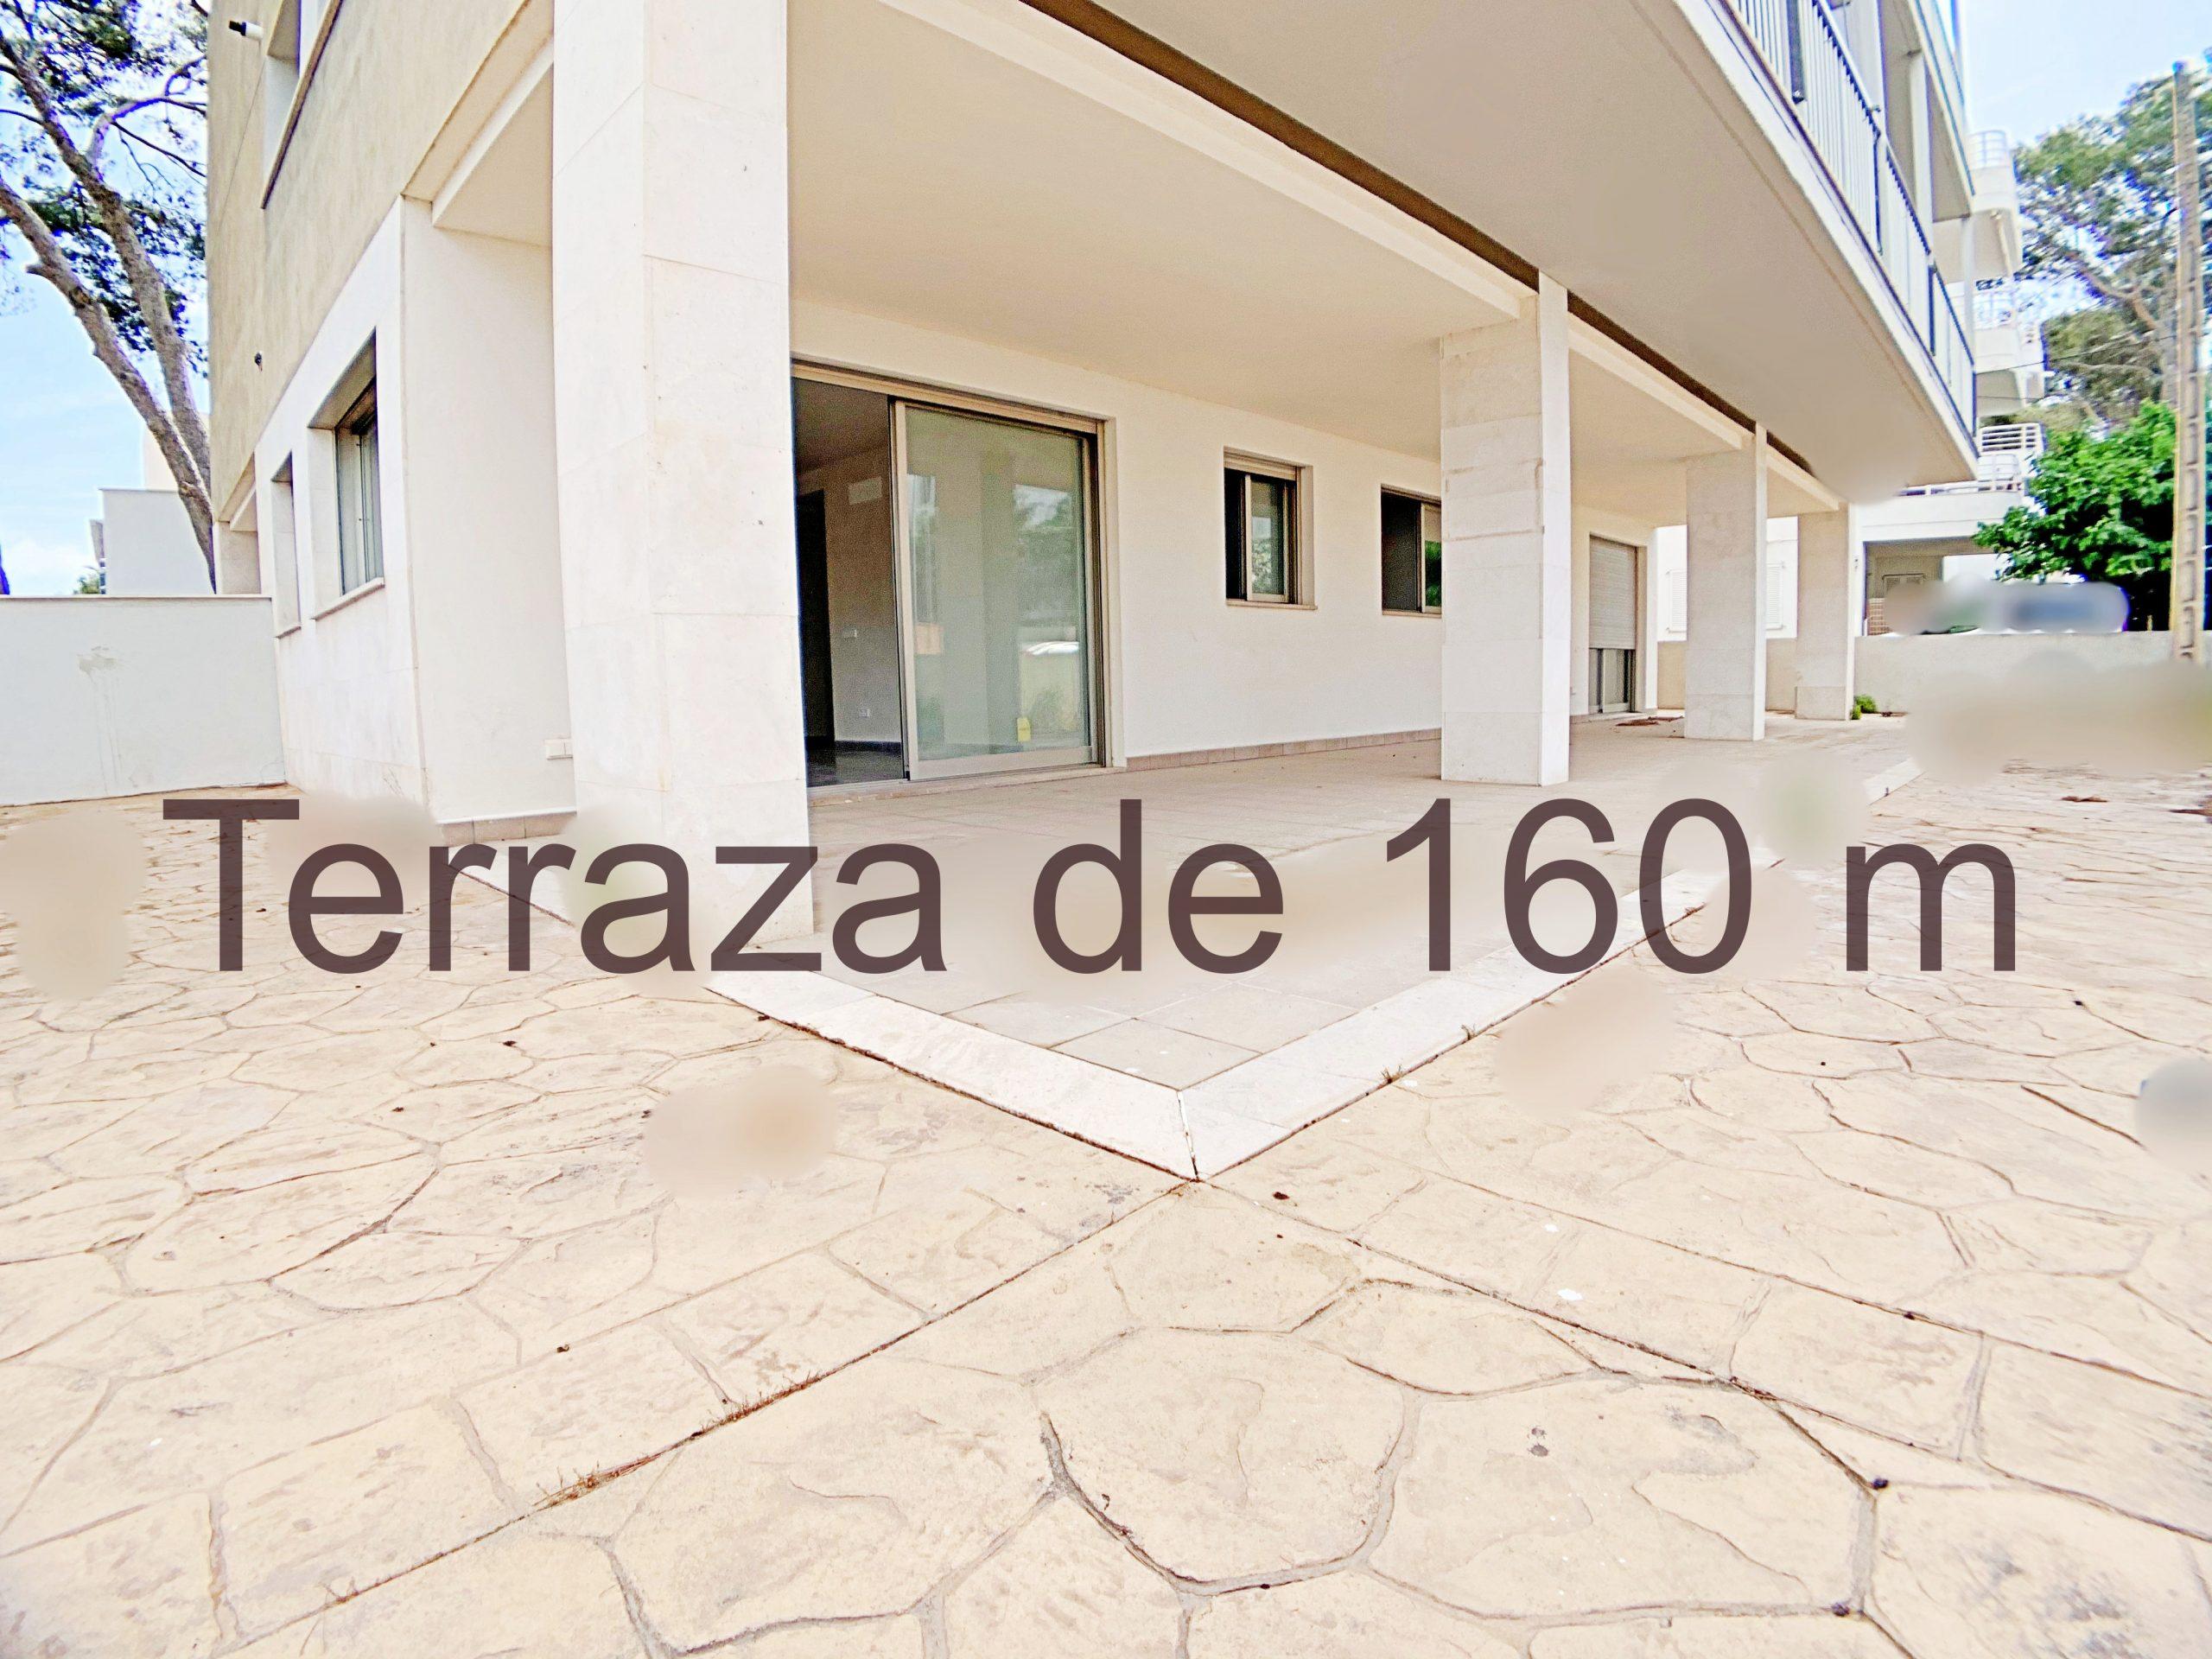 Planta baja con terraza muy cerca del mar en Cala Millor. Parking incluido